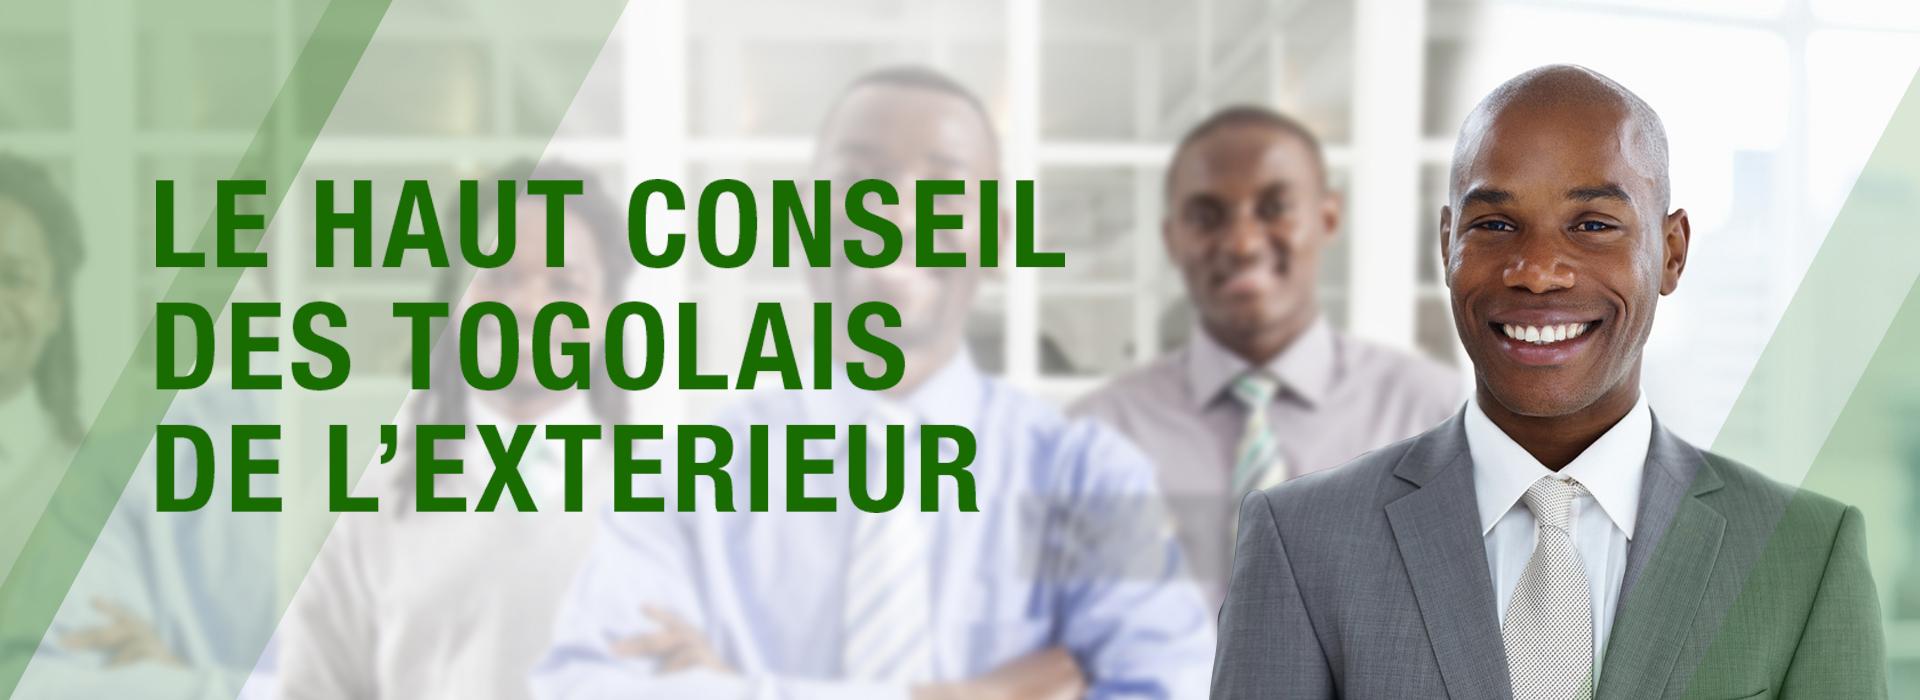 diaspora togolaise conseil